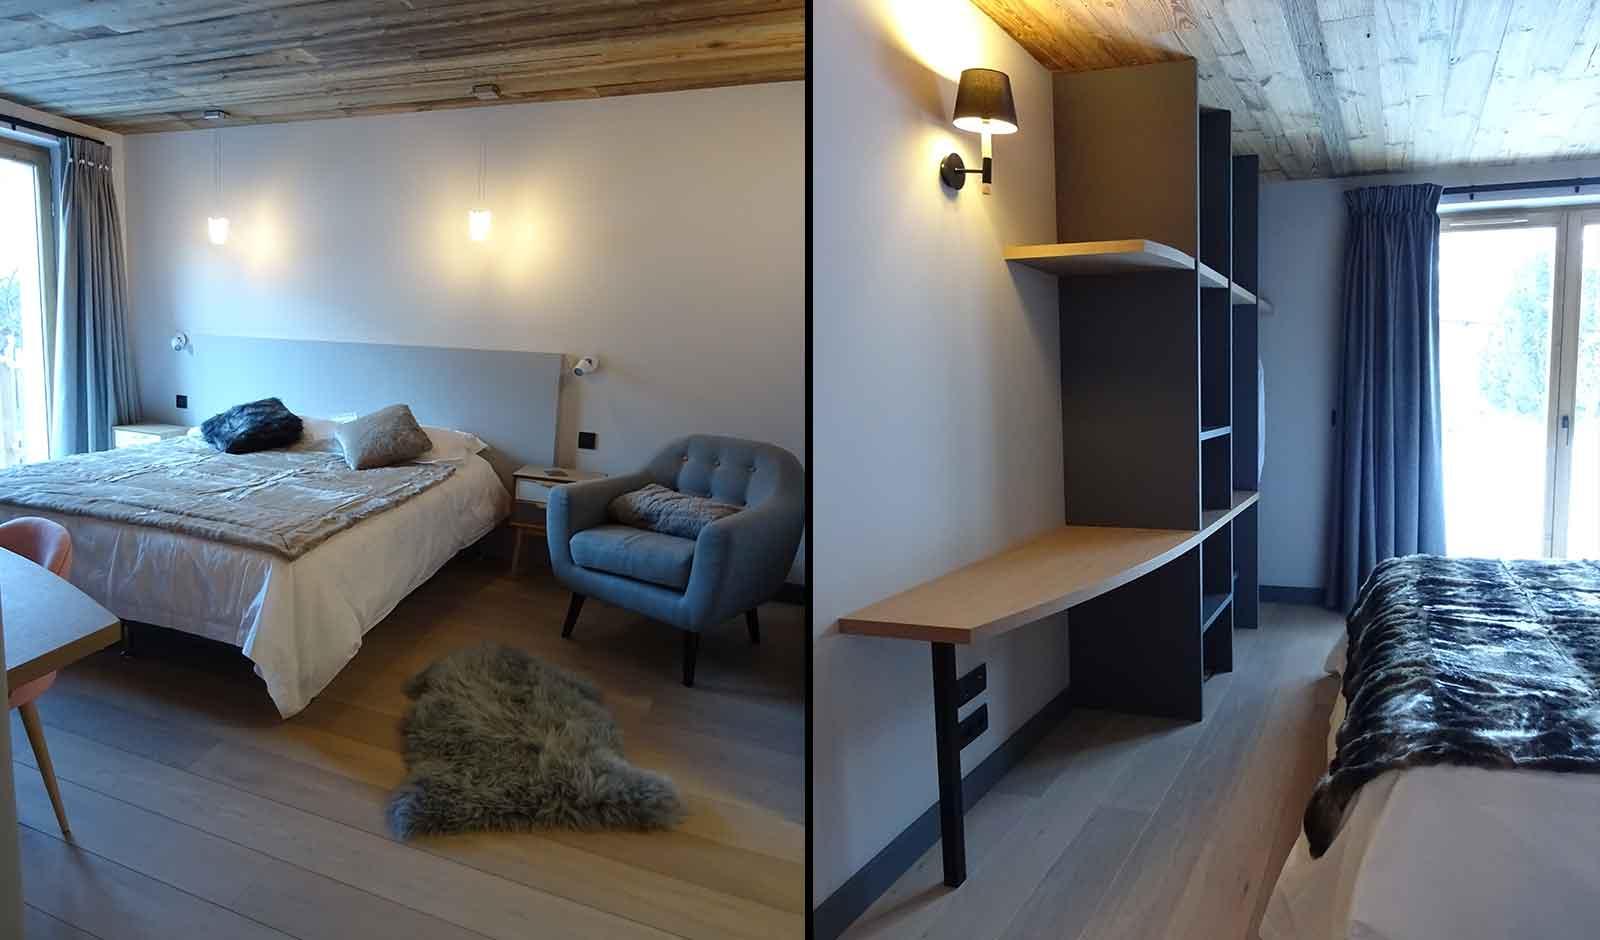 chalet-charlie-6-atelier-crea-and-co-architecte-design-project-manager-meribel-savoie